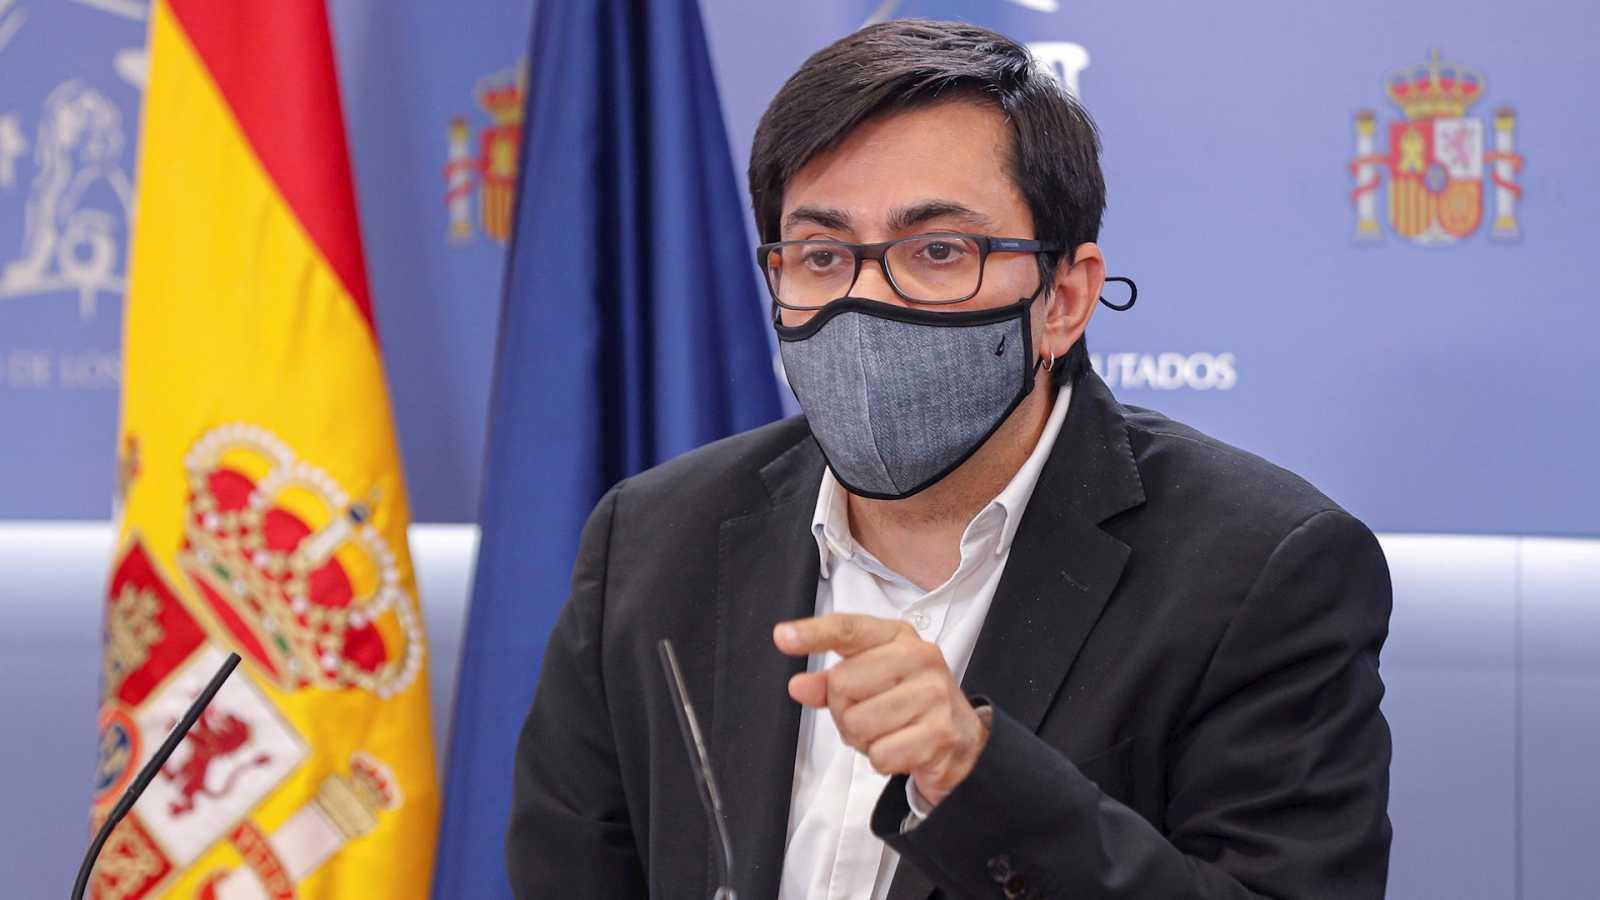 """Parlamento - Radio 5 - Gerardo Pisarello (En Comú):  """"El ministerio debería haberse dado cuenta de que la fórmula no era la correcta"""" - Escuchar ahora"""